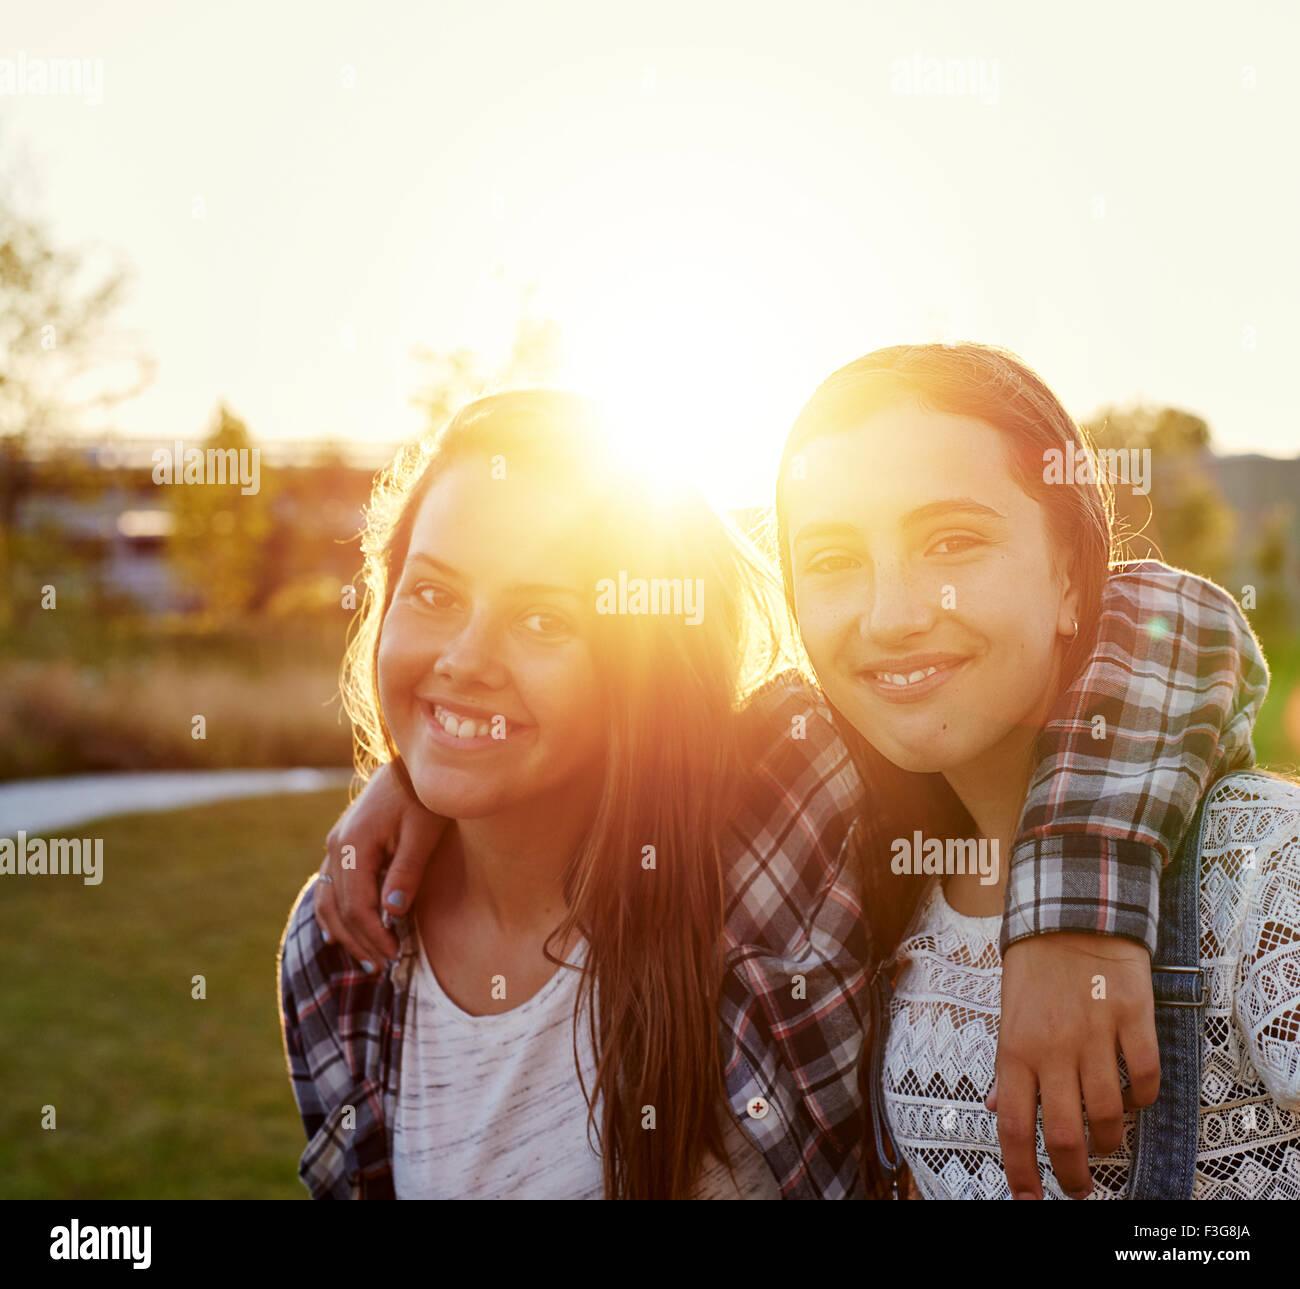 Due ragazze adolescenti al di fuori in una serata estiva in sun flare Immagini Stock